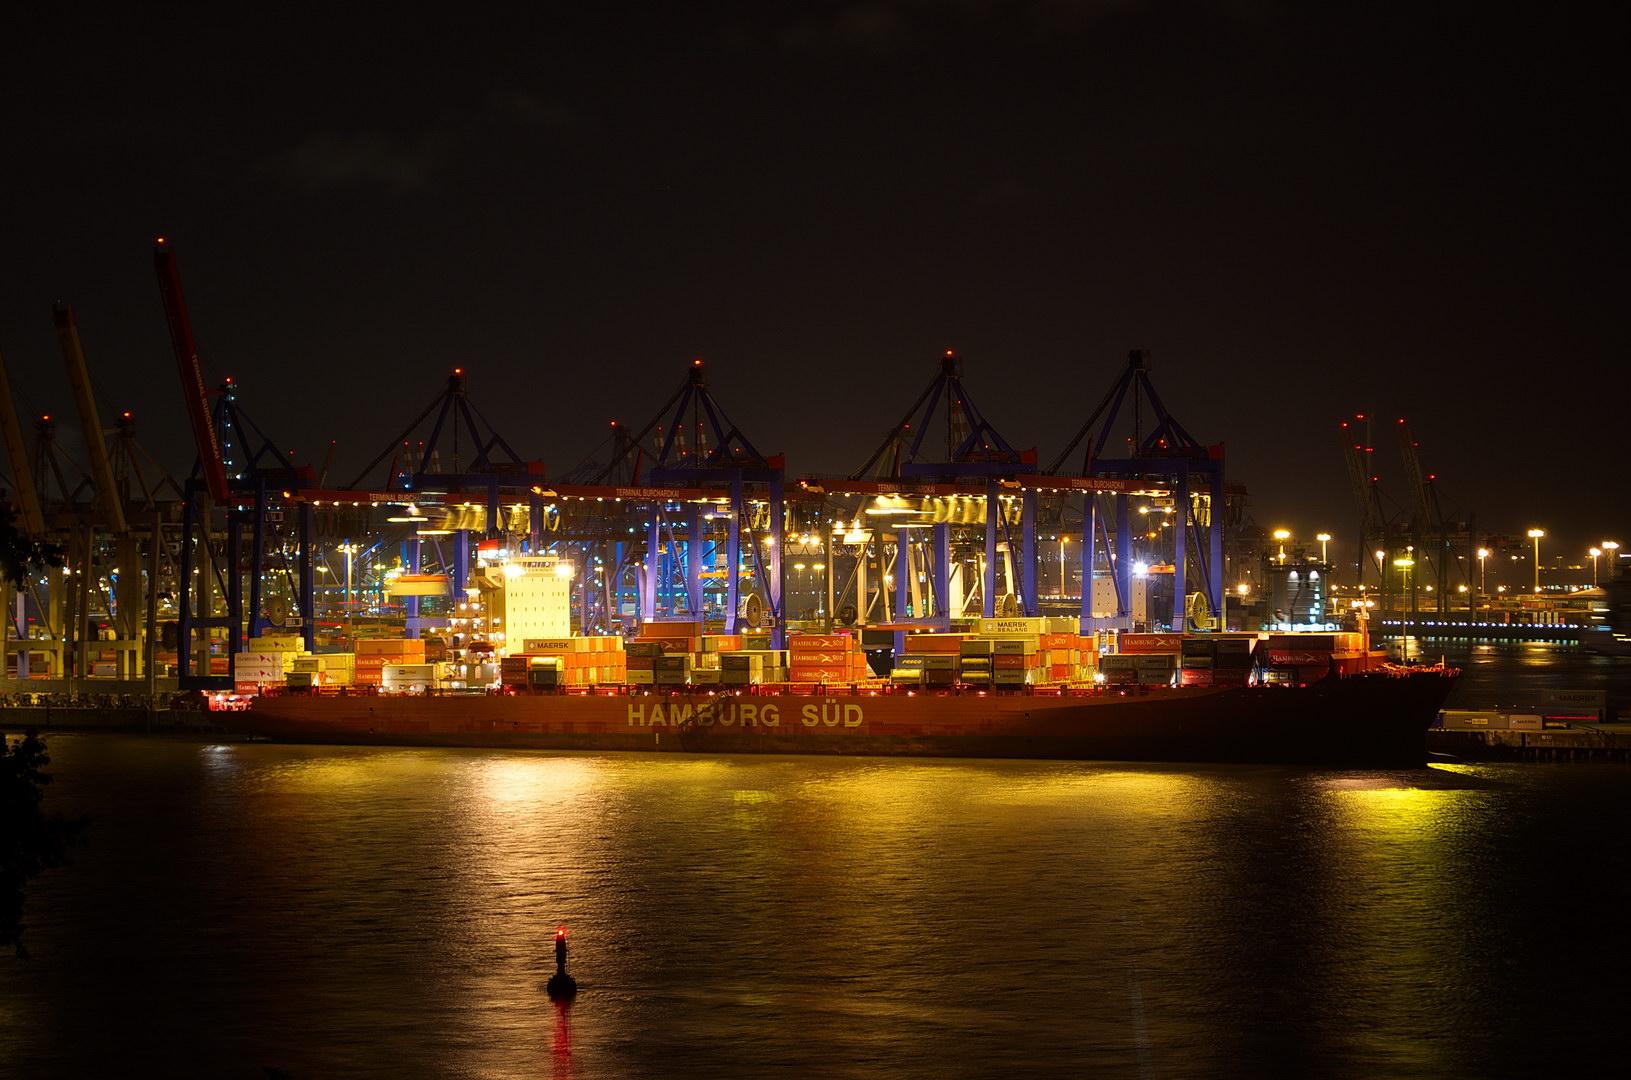 Fracht löschen Hafen Nacht Schiff Kräne Frachter Hamburg Süd